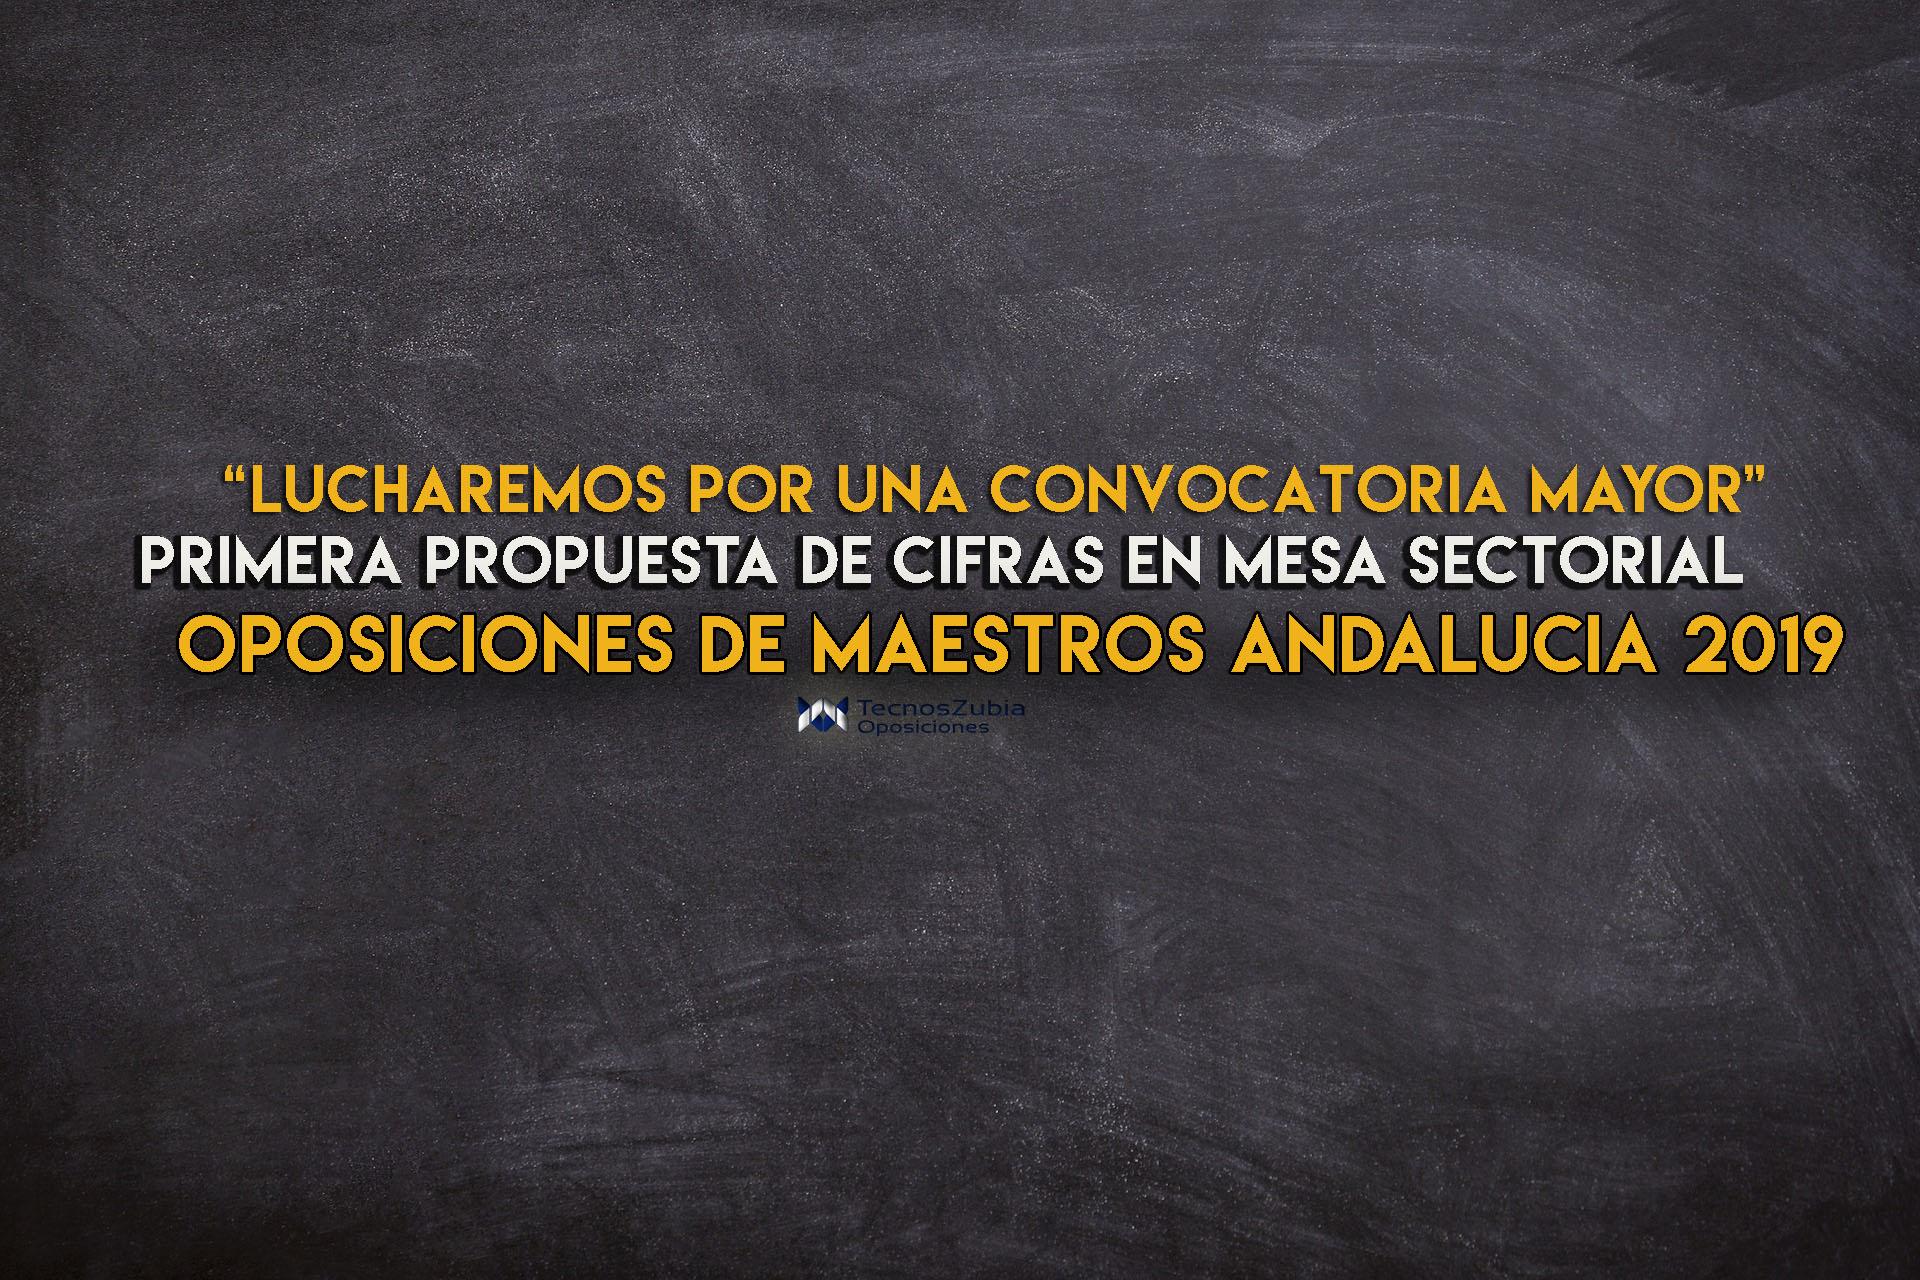 Oposiciones de maestros Andaluicía 2019: primera previsión